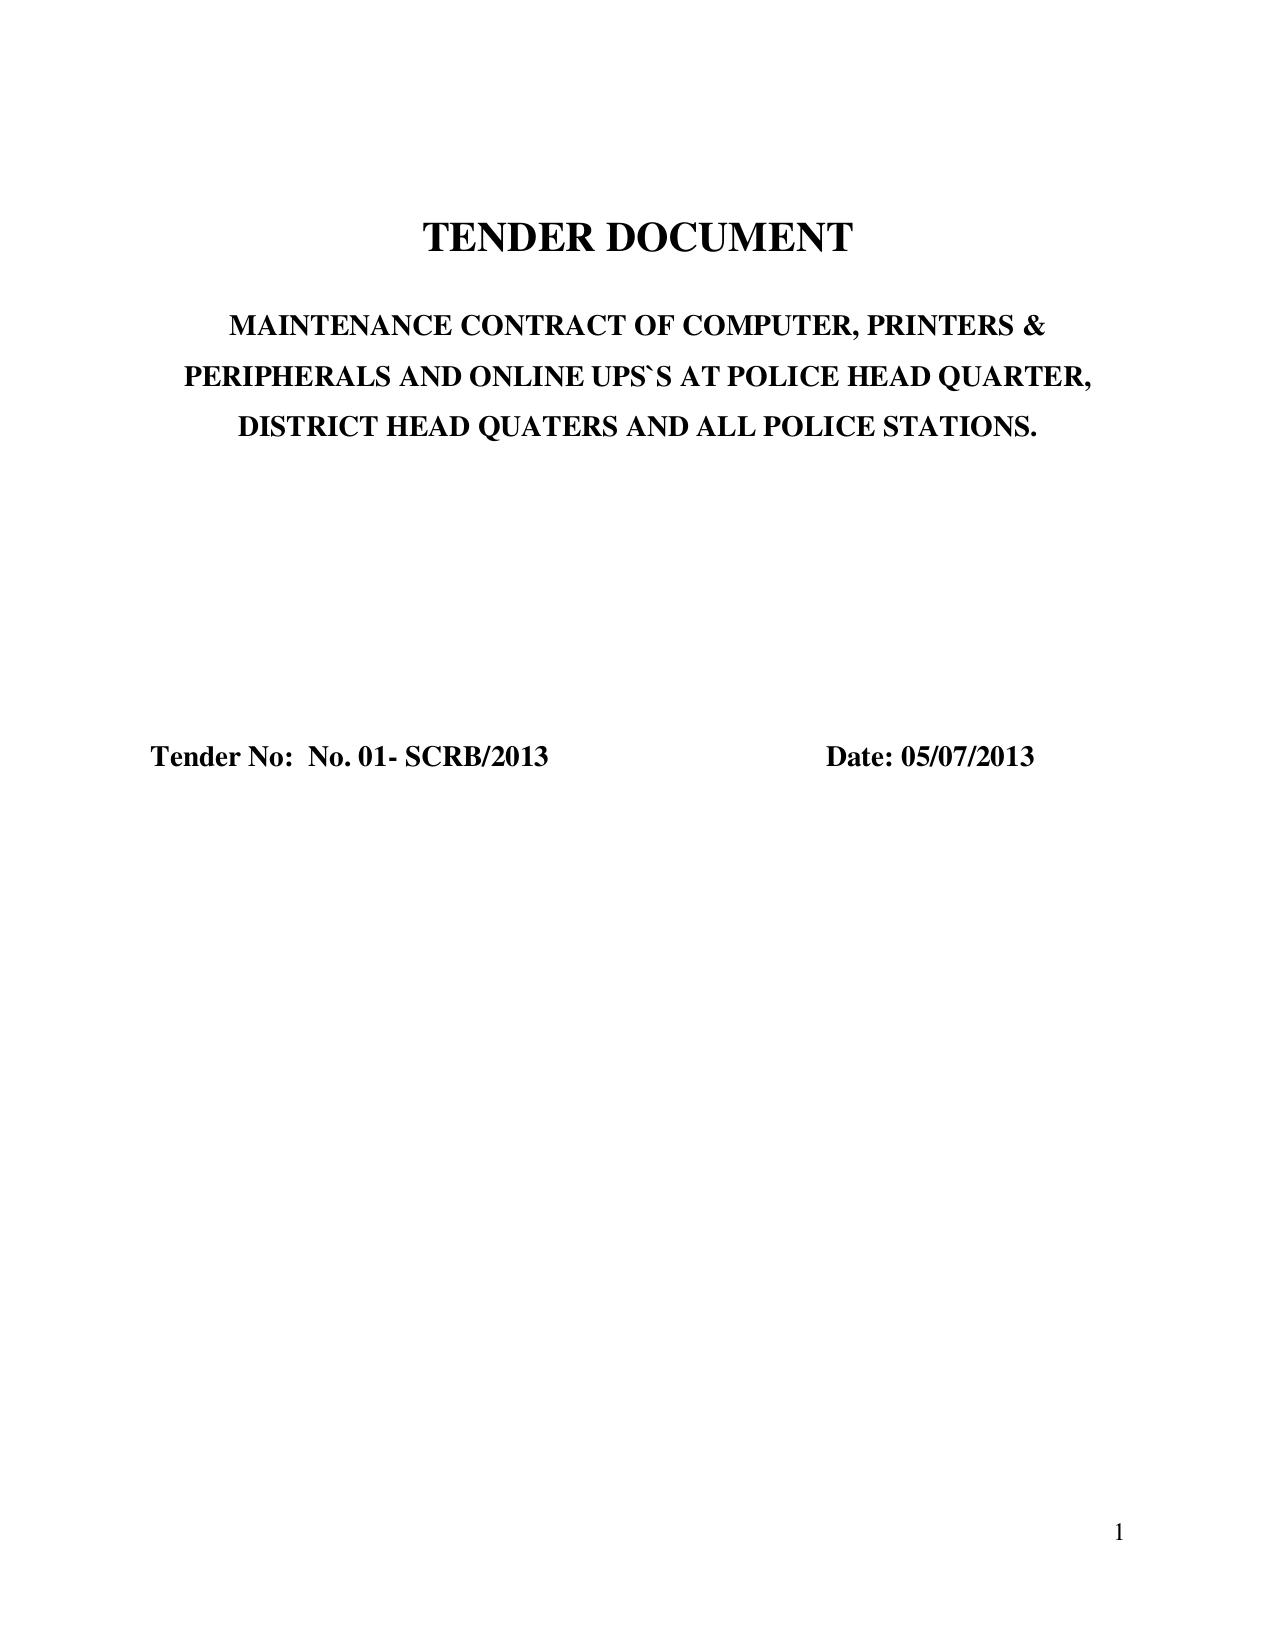 Download free pdf for Mustek MDC 5000 Digital Camera manual